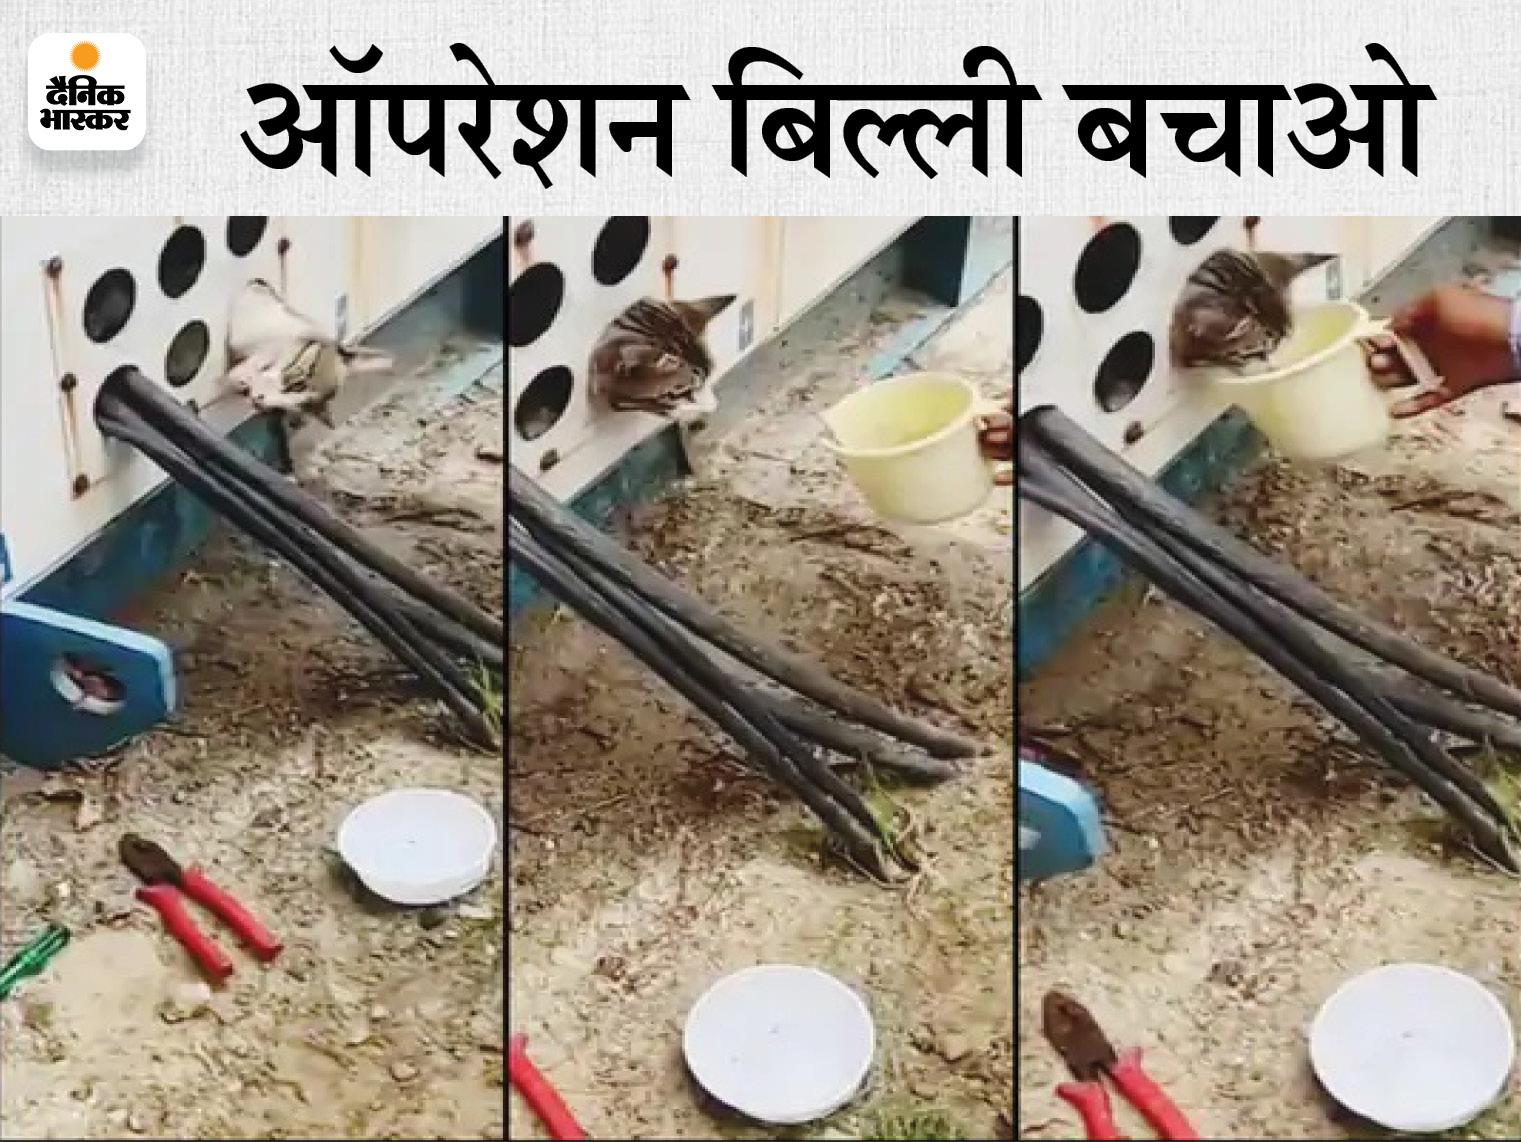 जेनरेटर में फंस गई थी बिल्ली, निकालने के लिए वन विभाग से लेकर NDRF तक से मदद मांगी गई; VIDEO देखें|गाजियाबाद,Ghaziabad - Dainik Bhaskar